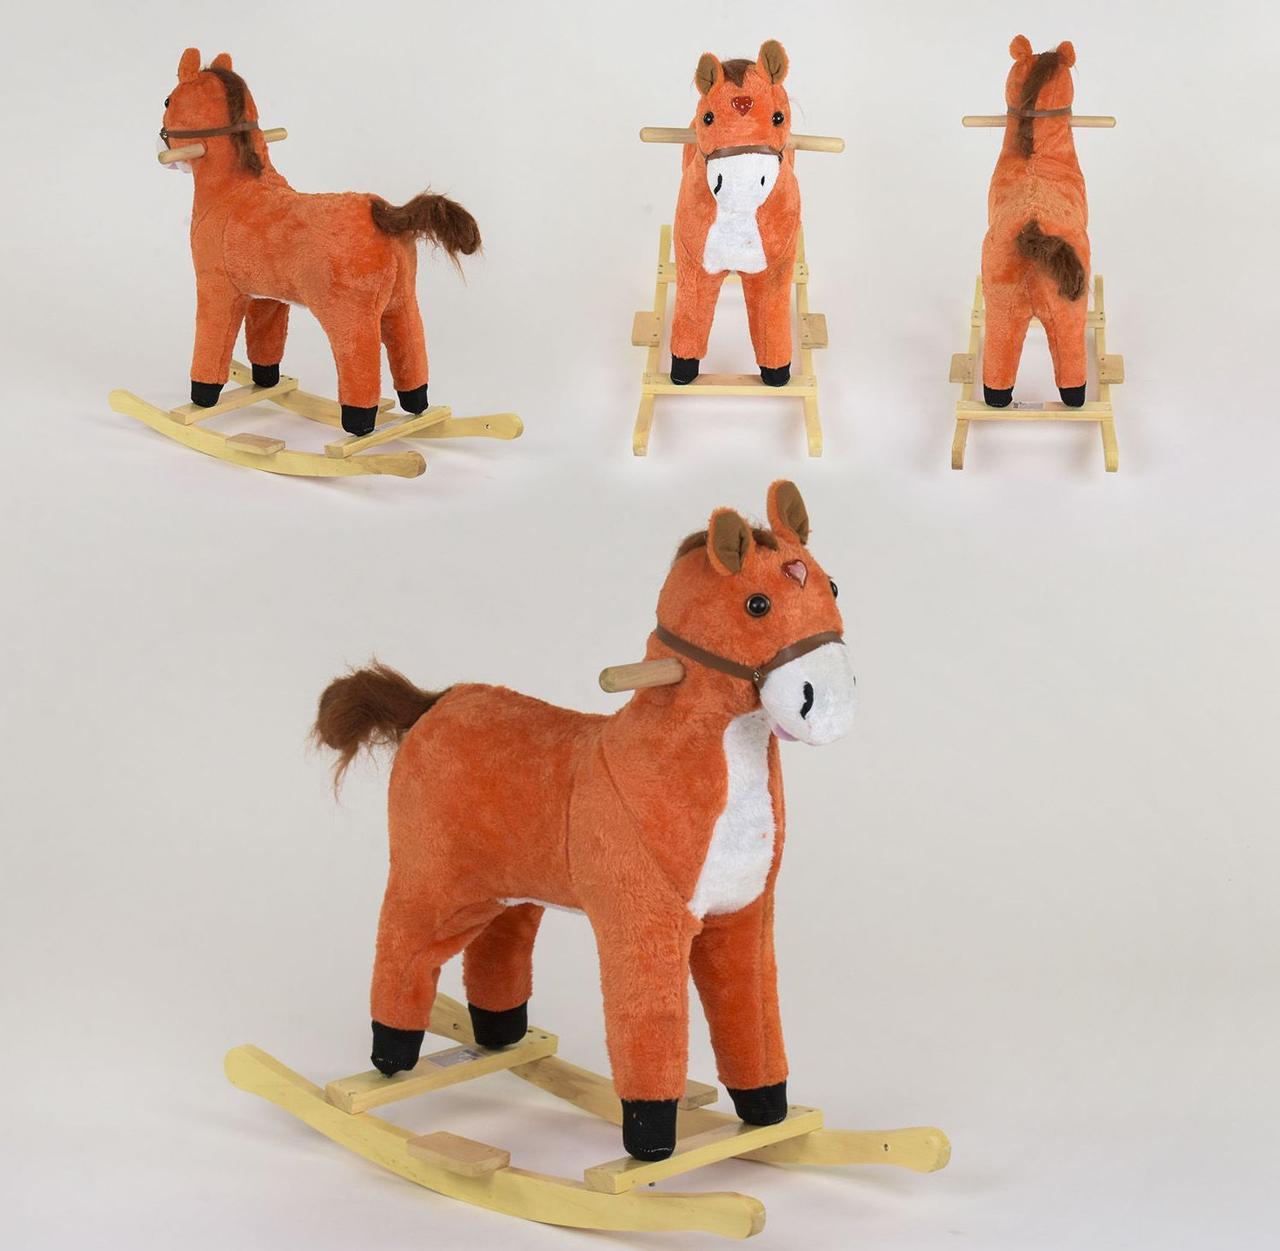 Качалка-лошадка со световыми и звуковыми эффектами, код 09112